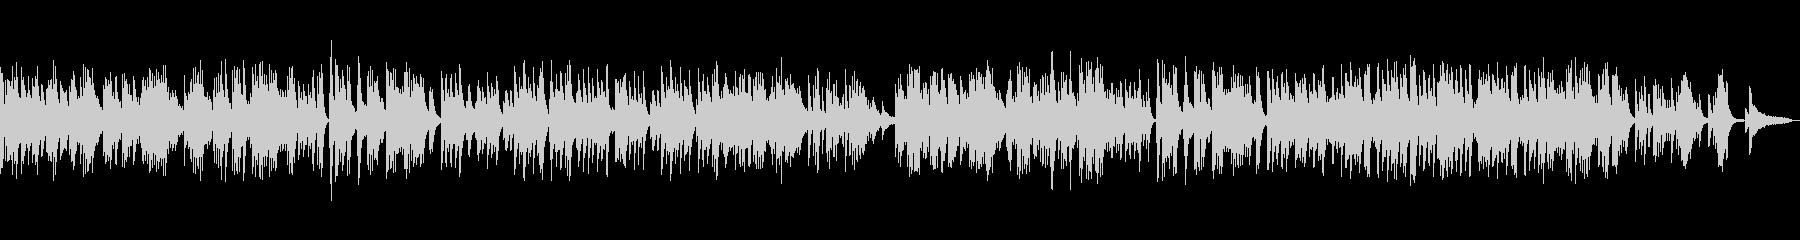 ピアノソロ切ない系バラードの未再生の波形